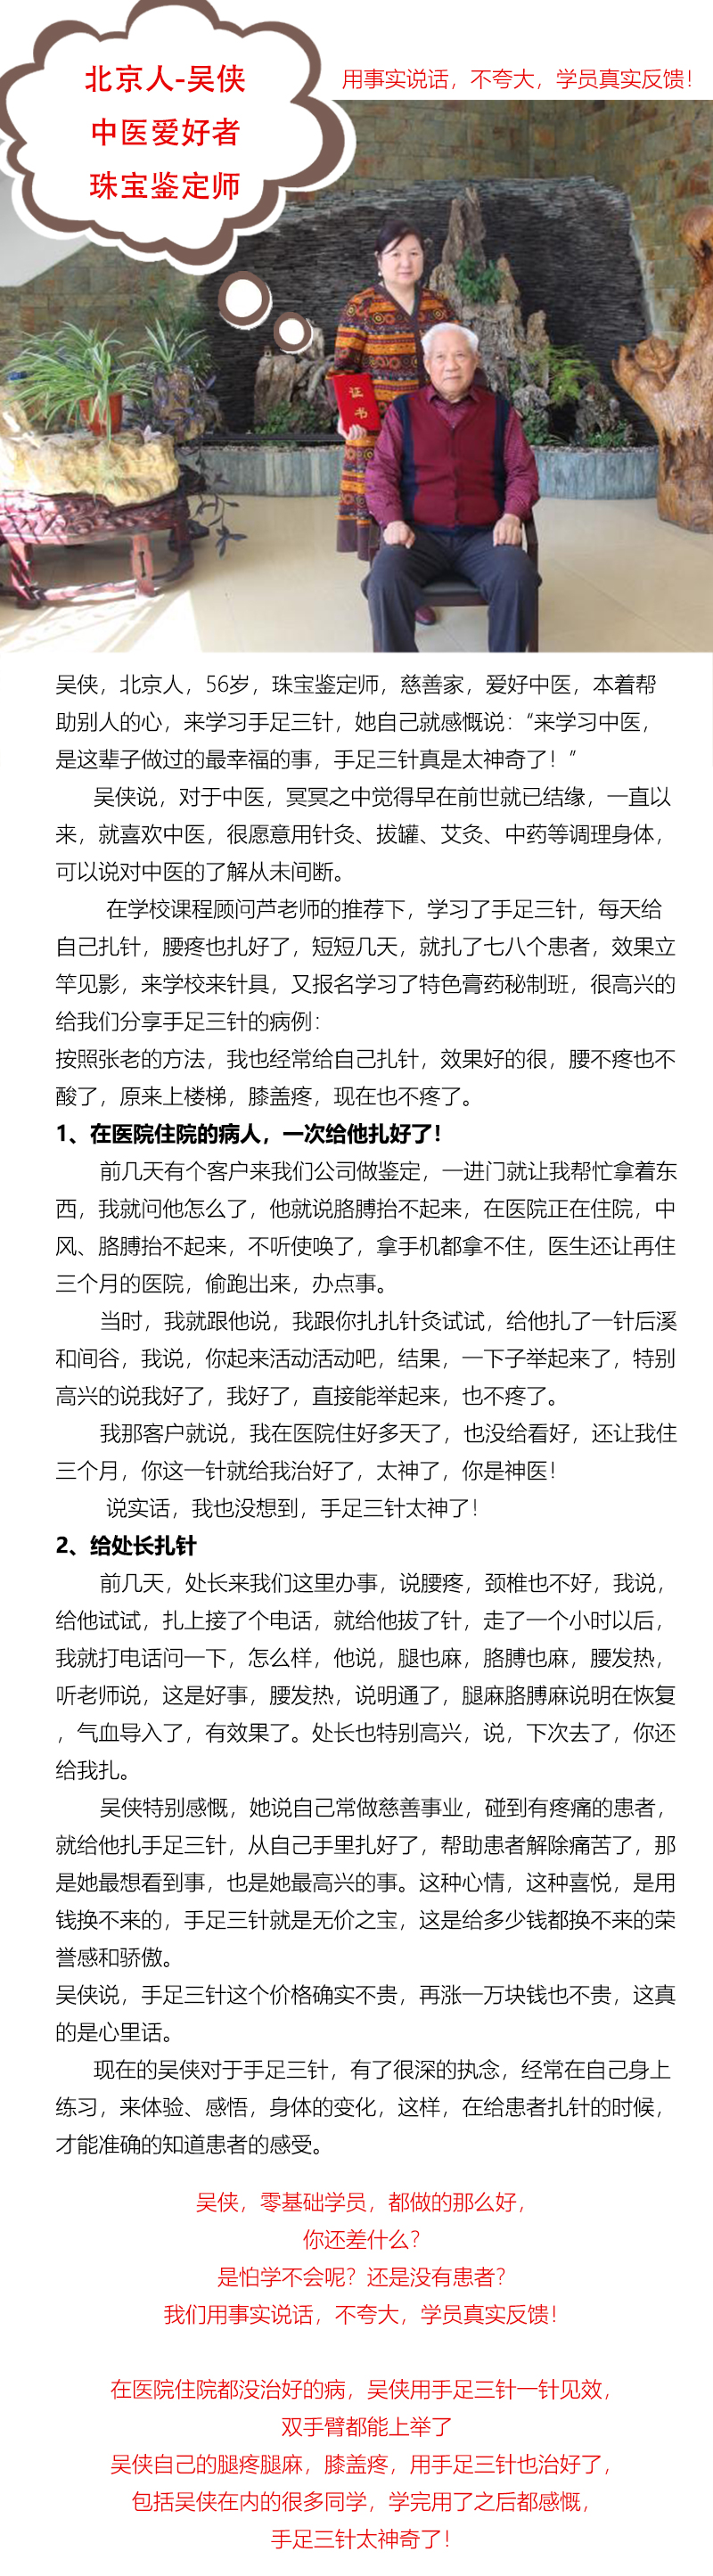 北京-吴侠-中医爱好者-零基础学员.jpg